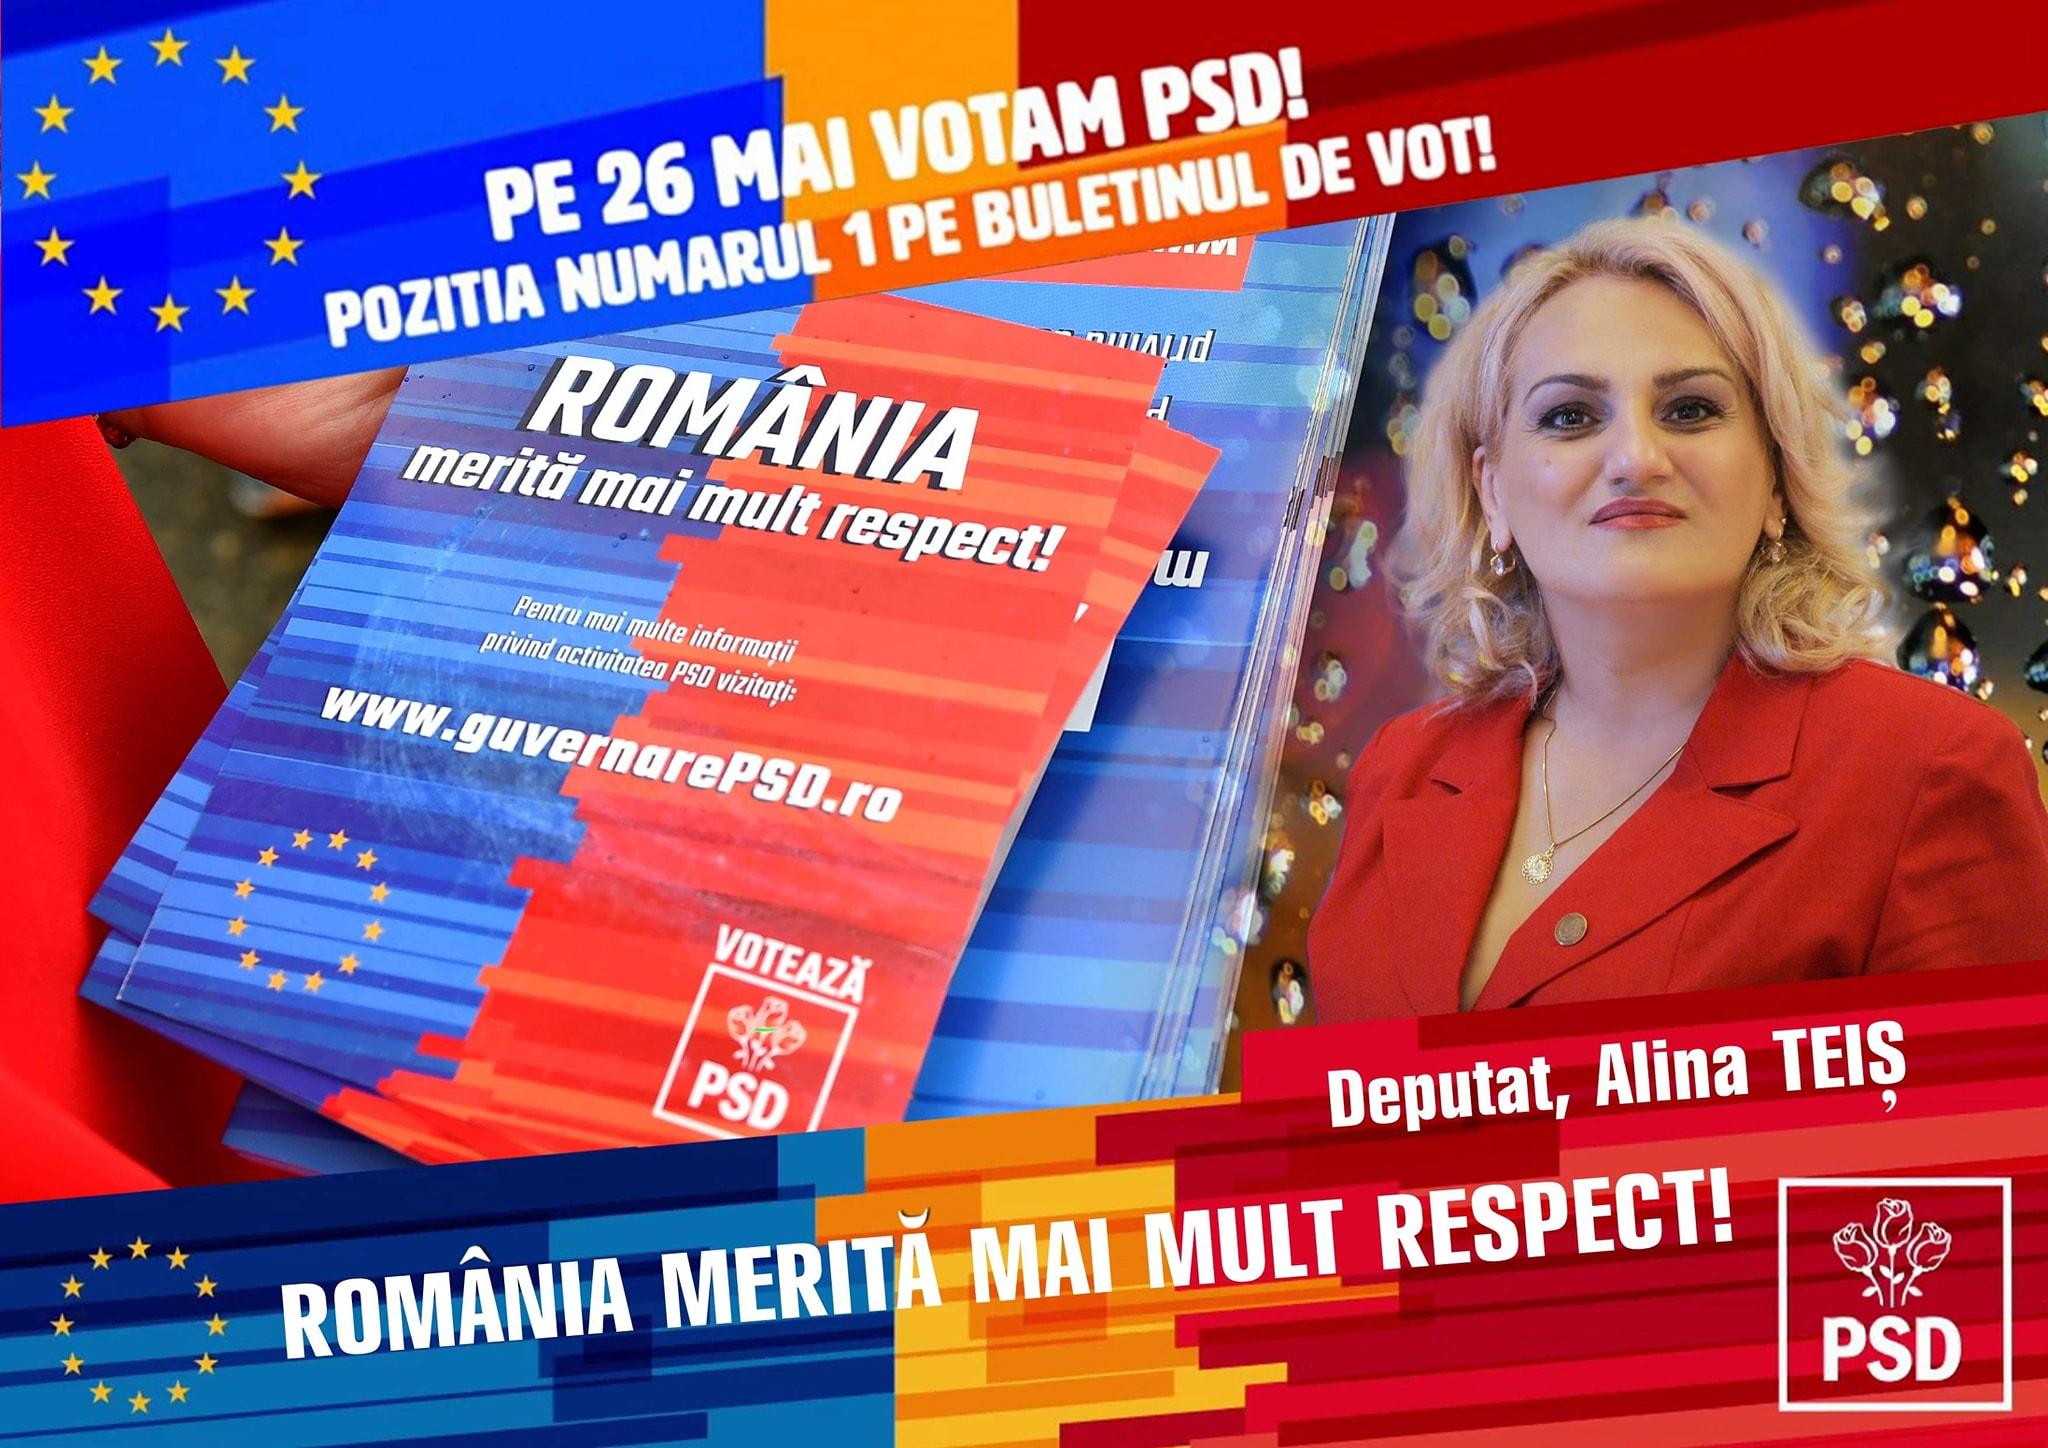 Alina_Teis_PSD